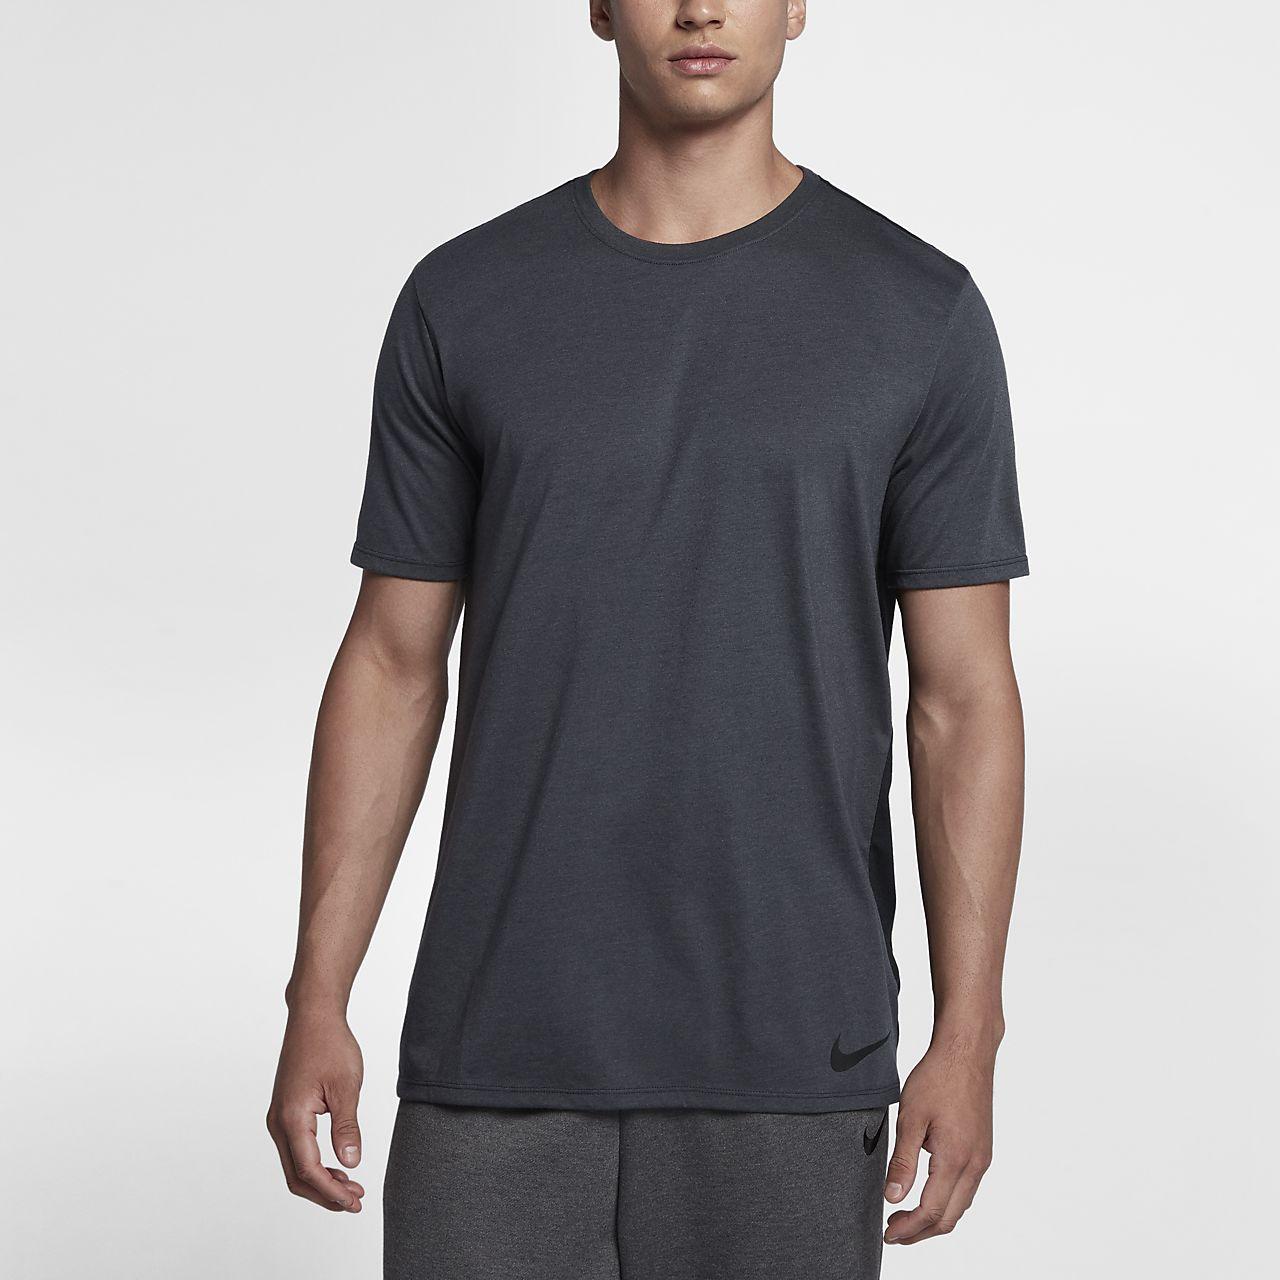 nike drifit mens training tshirt nikecom